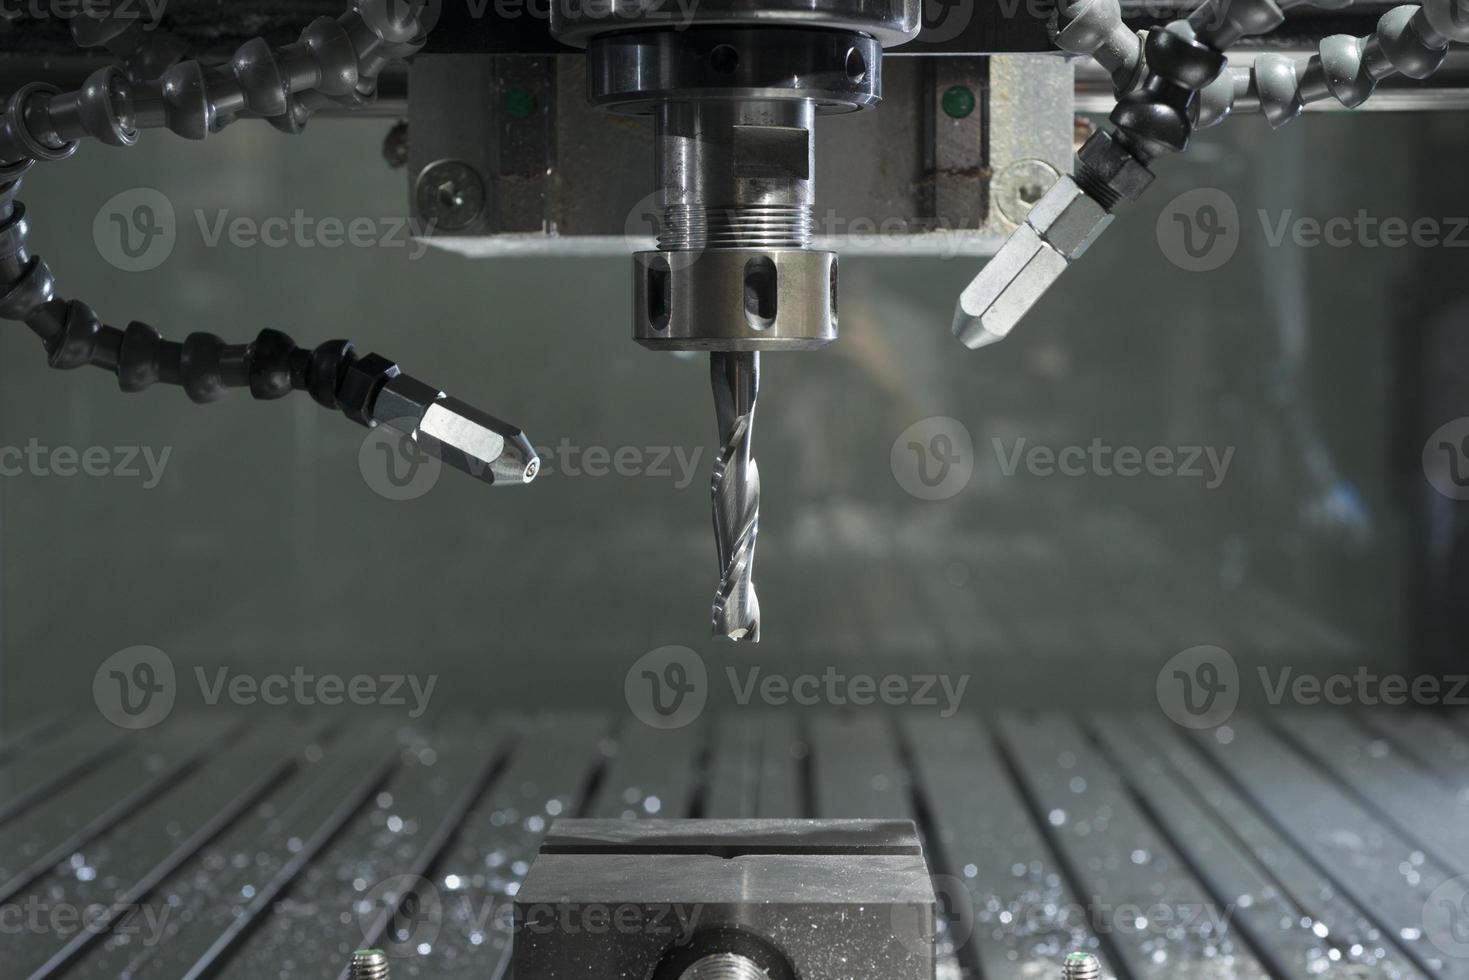 machine industrielle automatisée de traitement des métaux de moulin de commande numérique par ordinateur photo